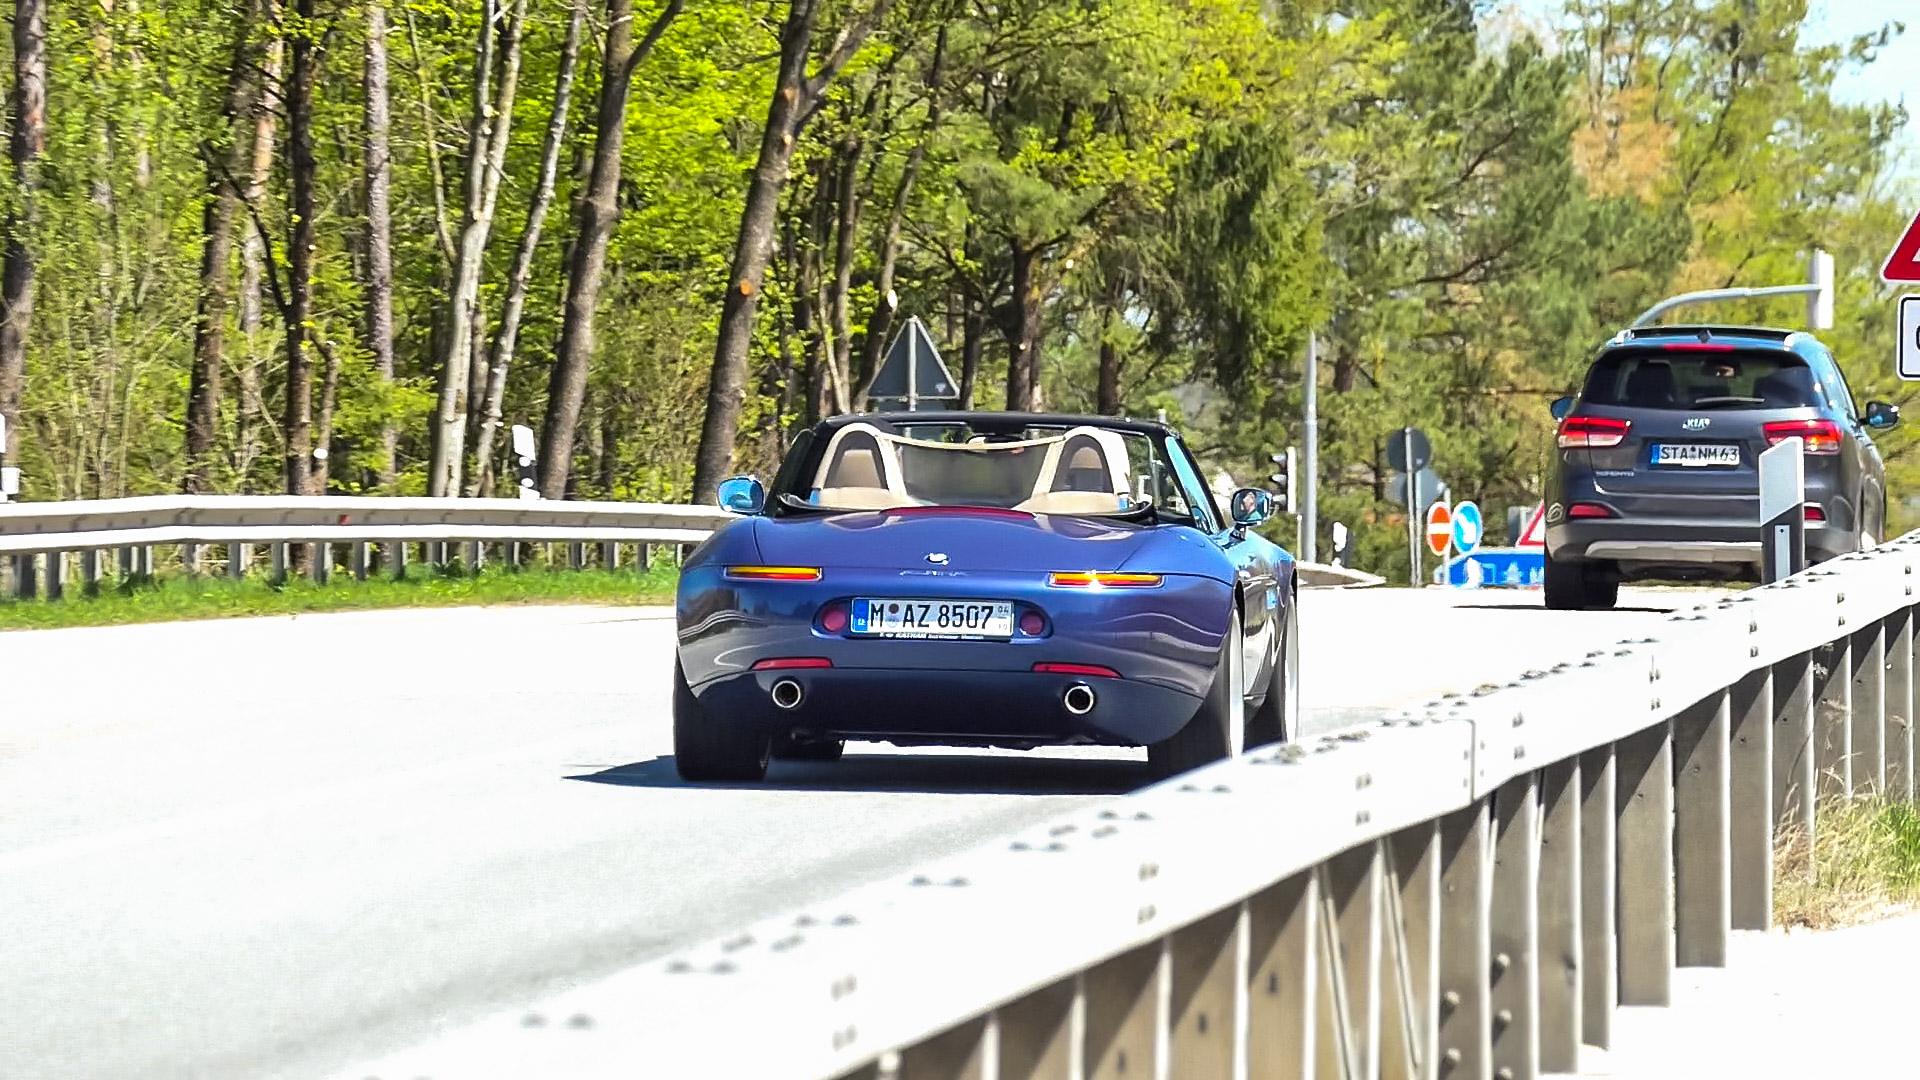 BMW Z8 Alpina - M-AZ-8507